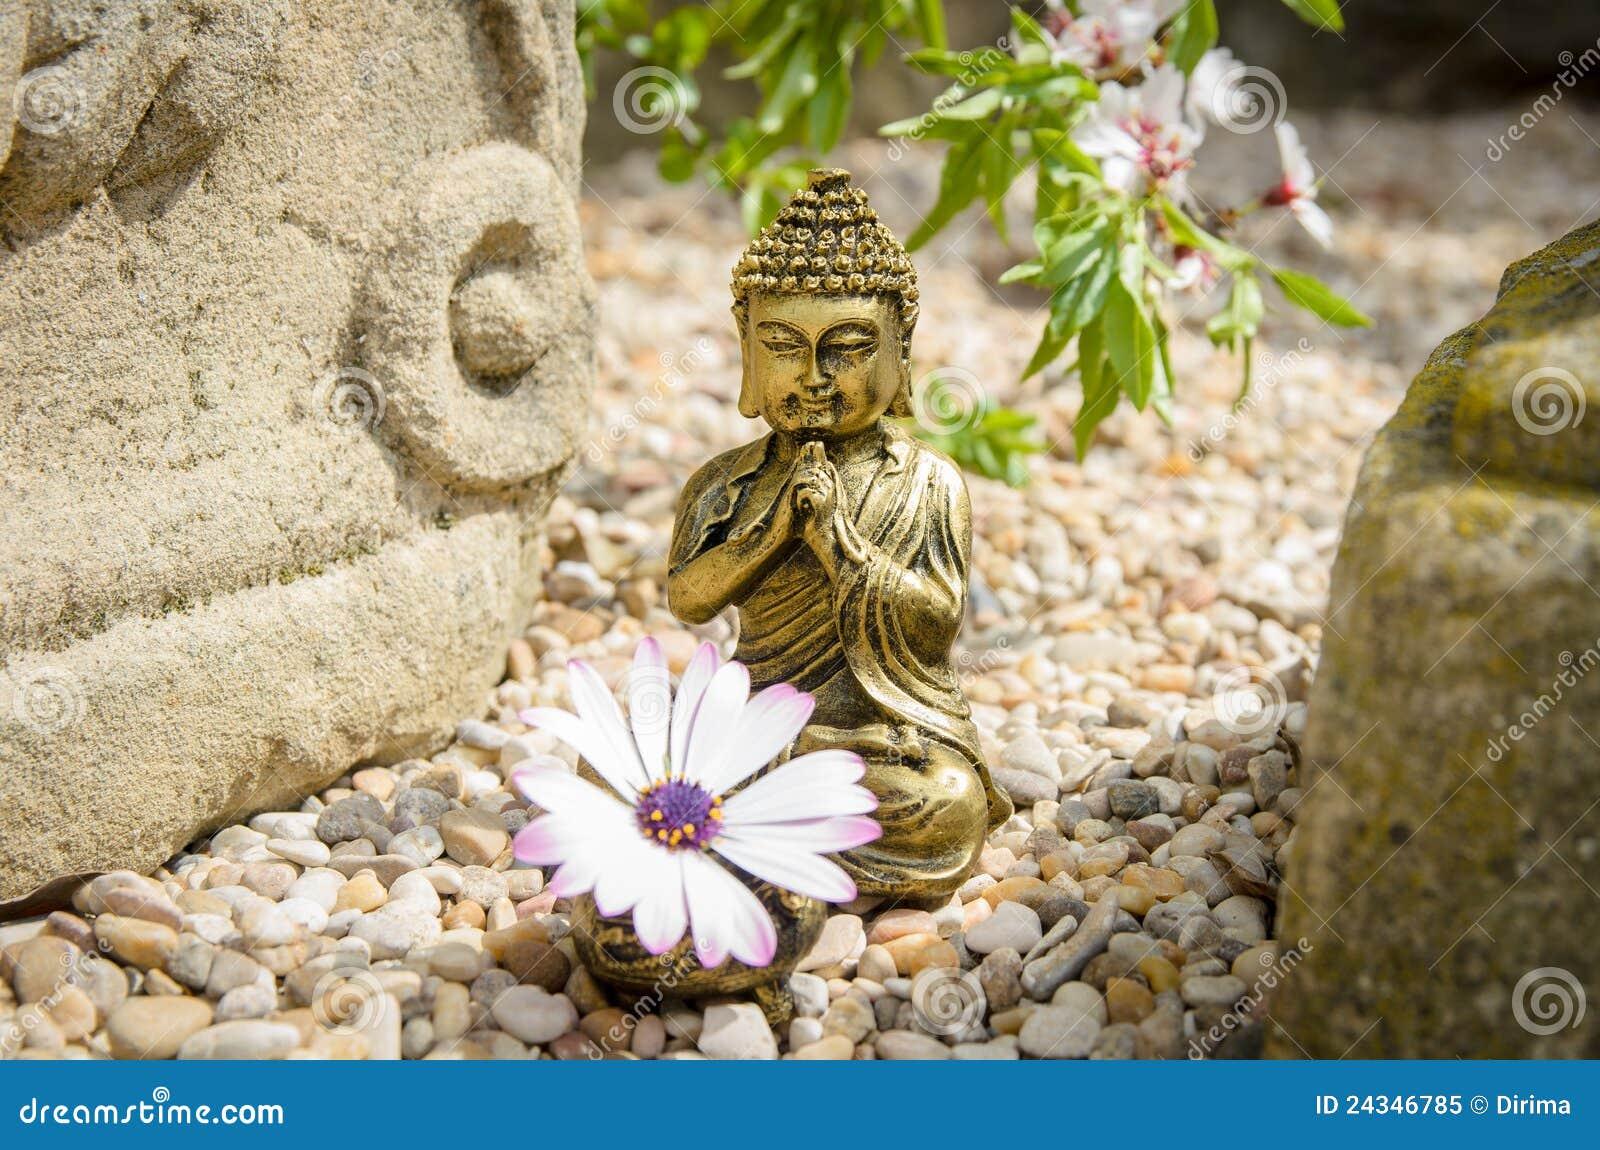 buddha mit altar und blume stockbild bild von zerbrechlichkeit 24346785. Black Bedroom Furniture Sets. Home Design Ideas